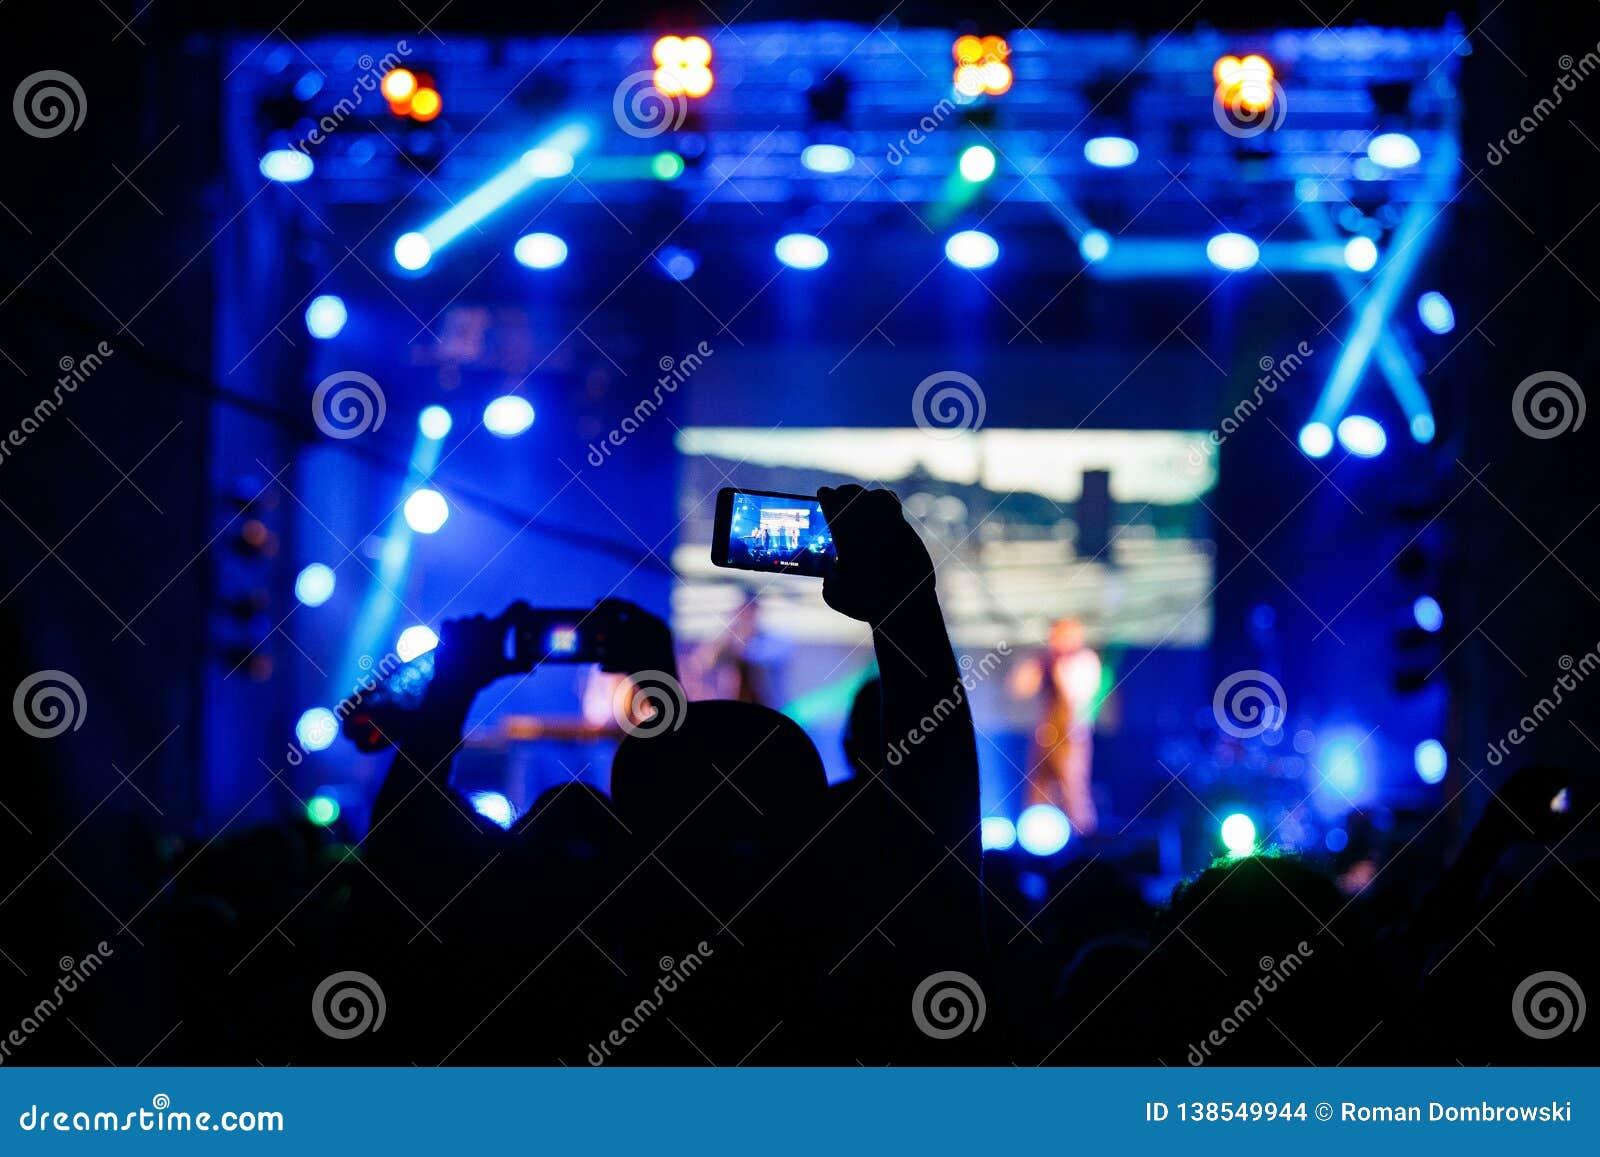 Άνθρωποι στο βίντεο ή τη φωτογραφία πυροβολισμού συναυλίας